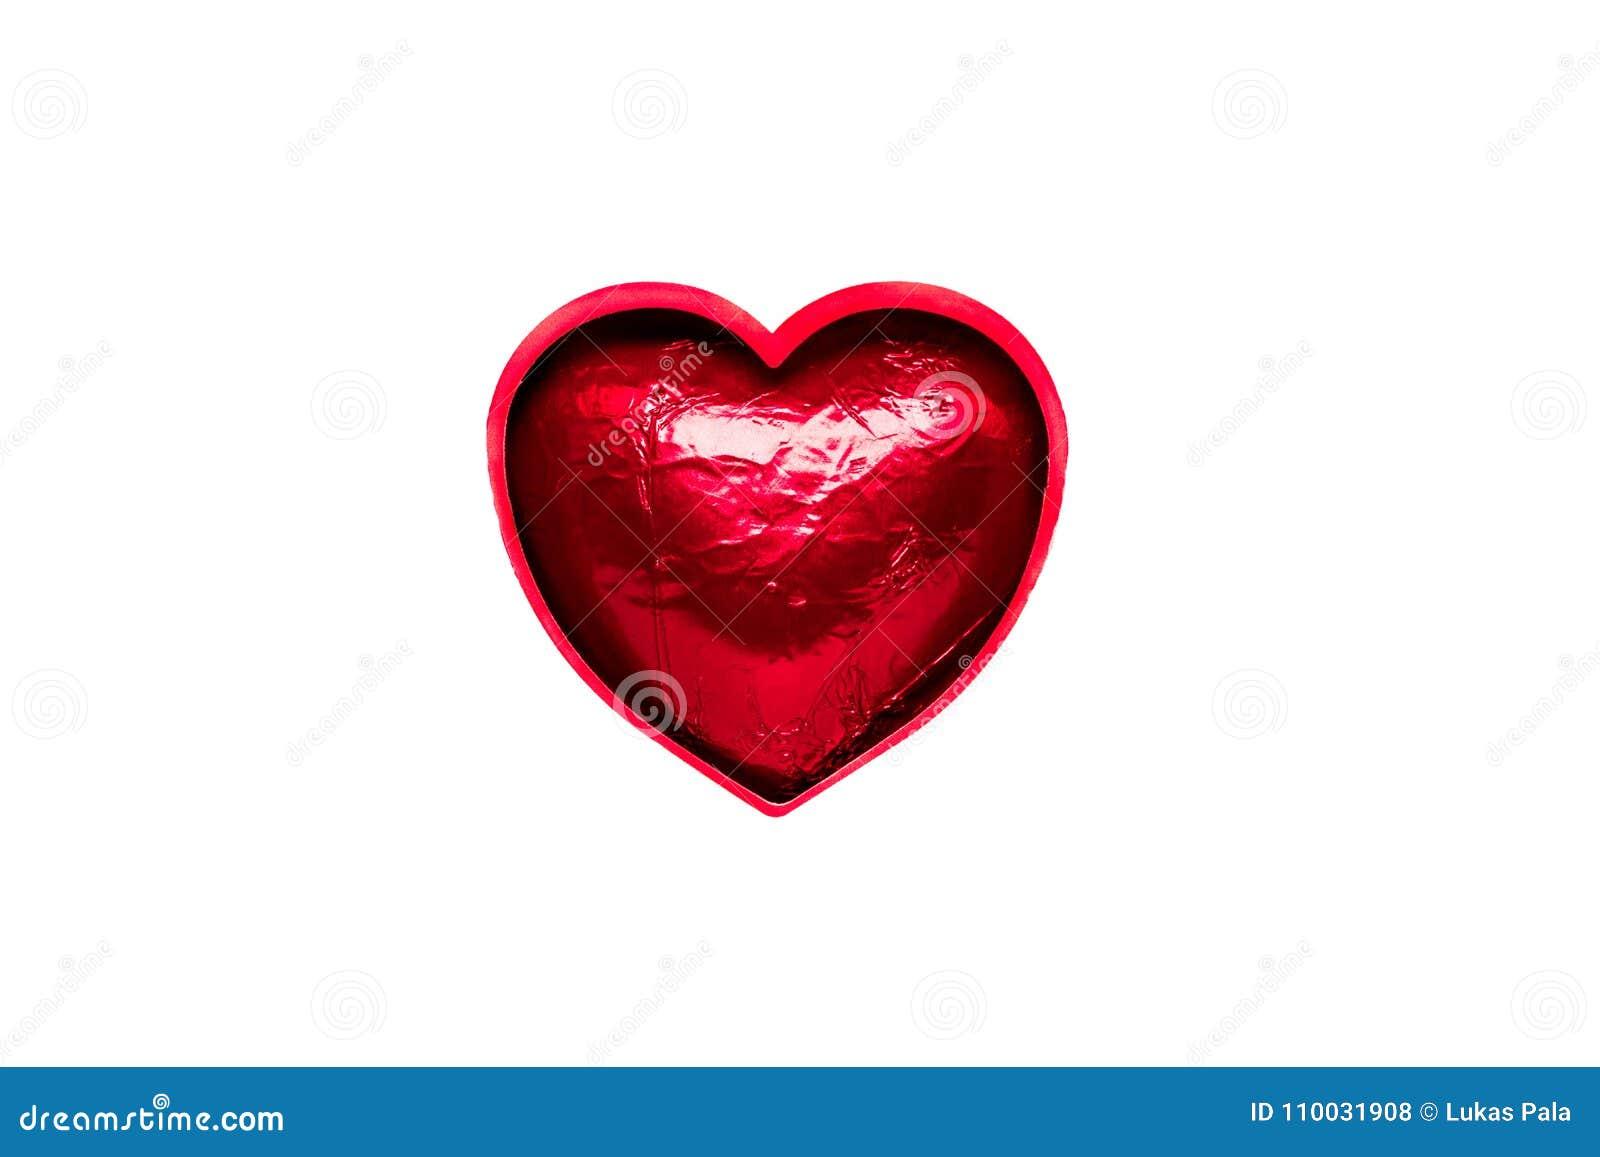 Geschetst rood hart in folie